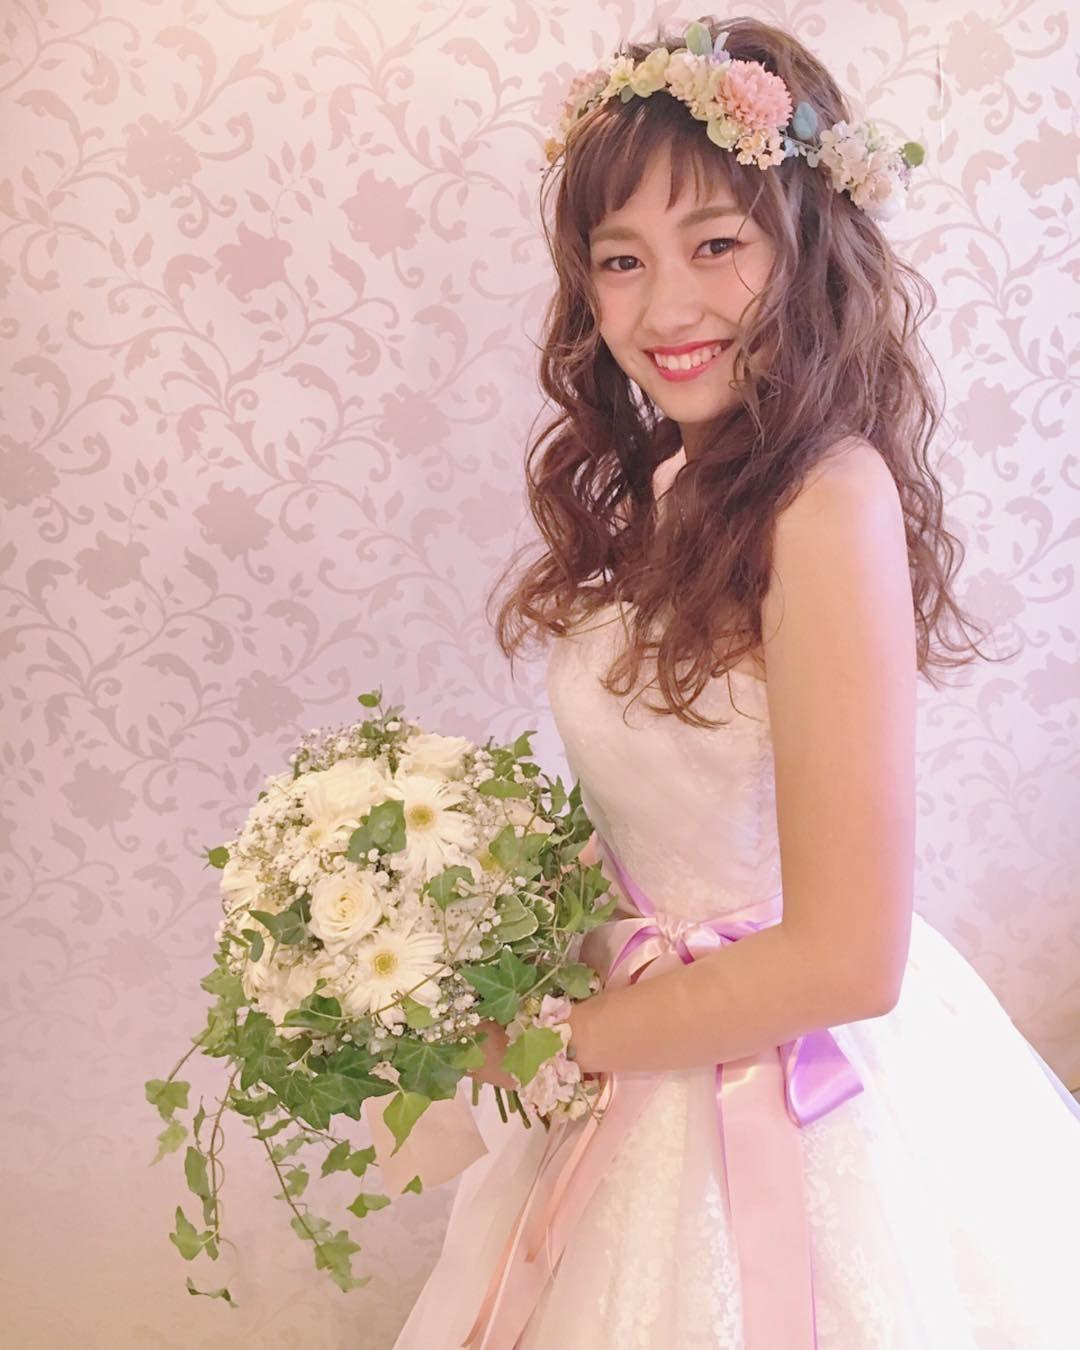 「花嫁 前髪あり」の画像検索結果